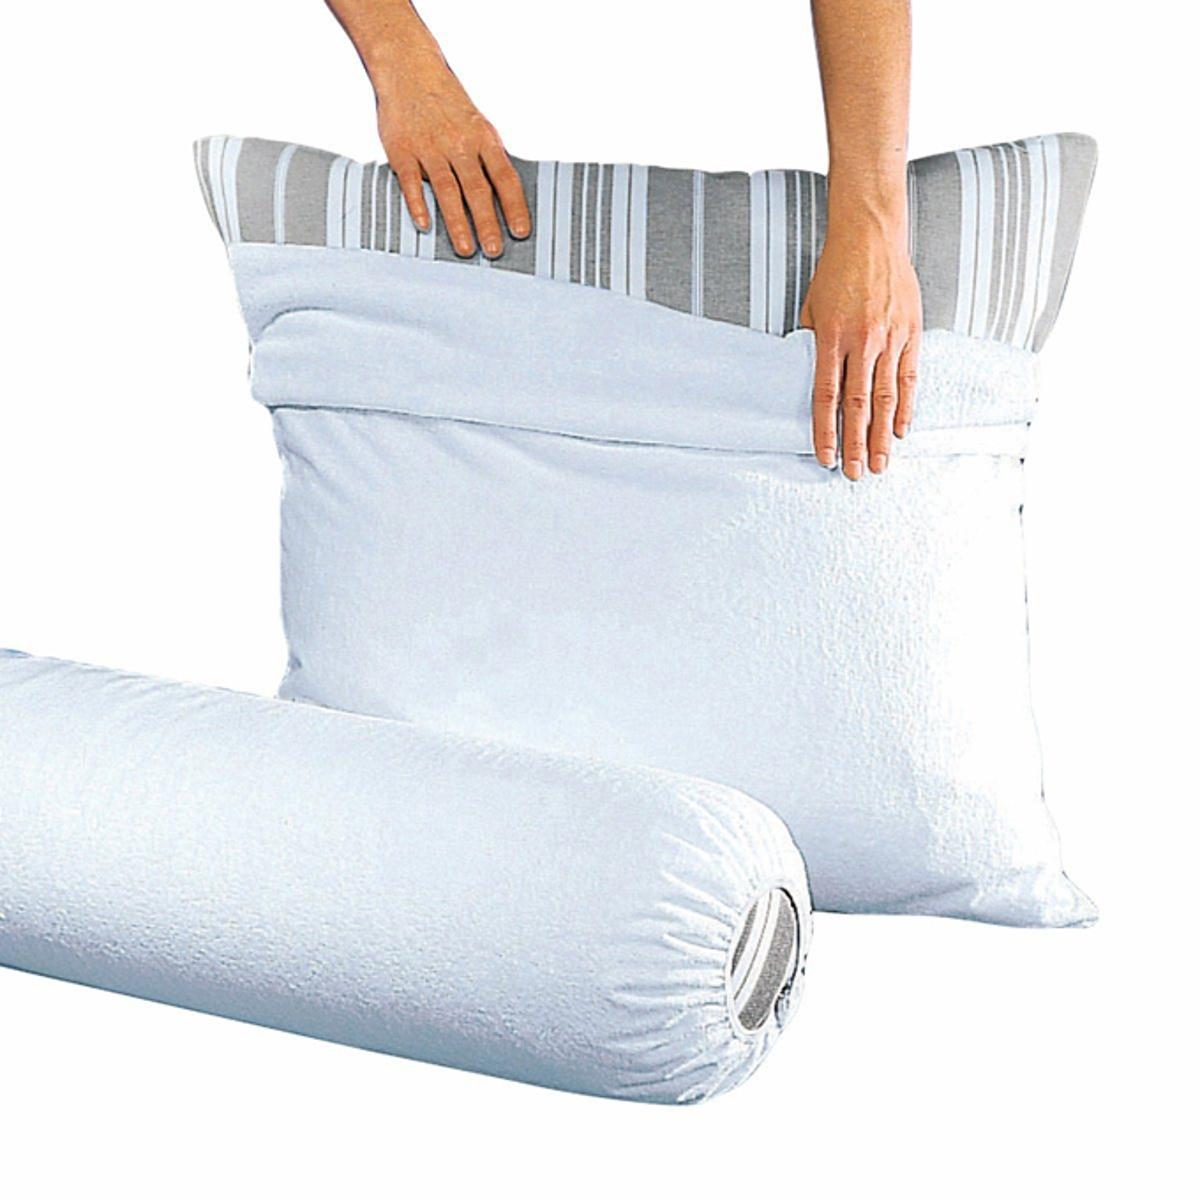 Чехол La Redoute На подушку с обработкой от постельных клопов 50 x 70 см белый чехол защитный на подушку из махровой ткани с противомикробной обработкой